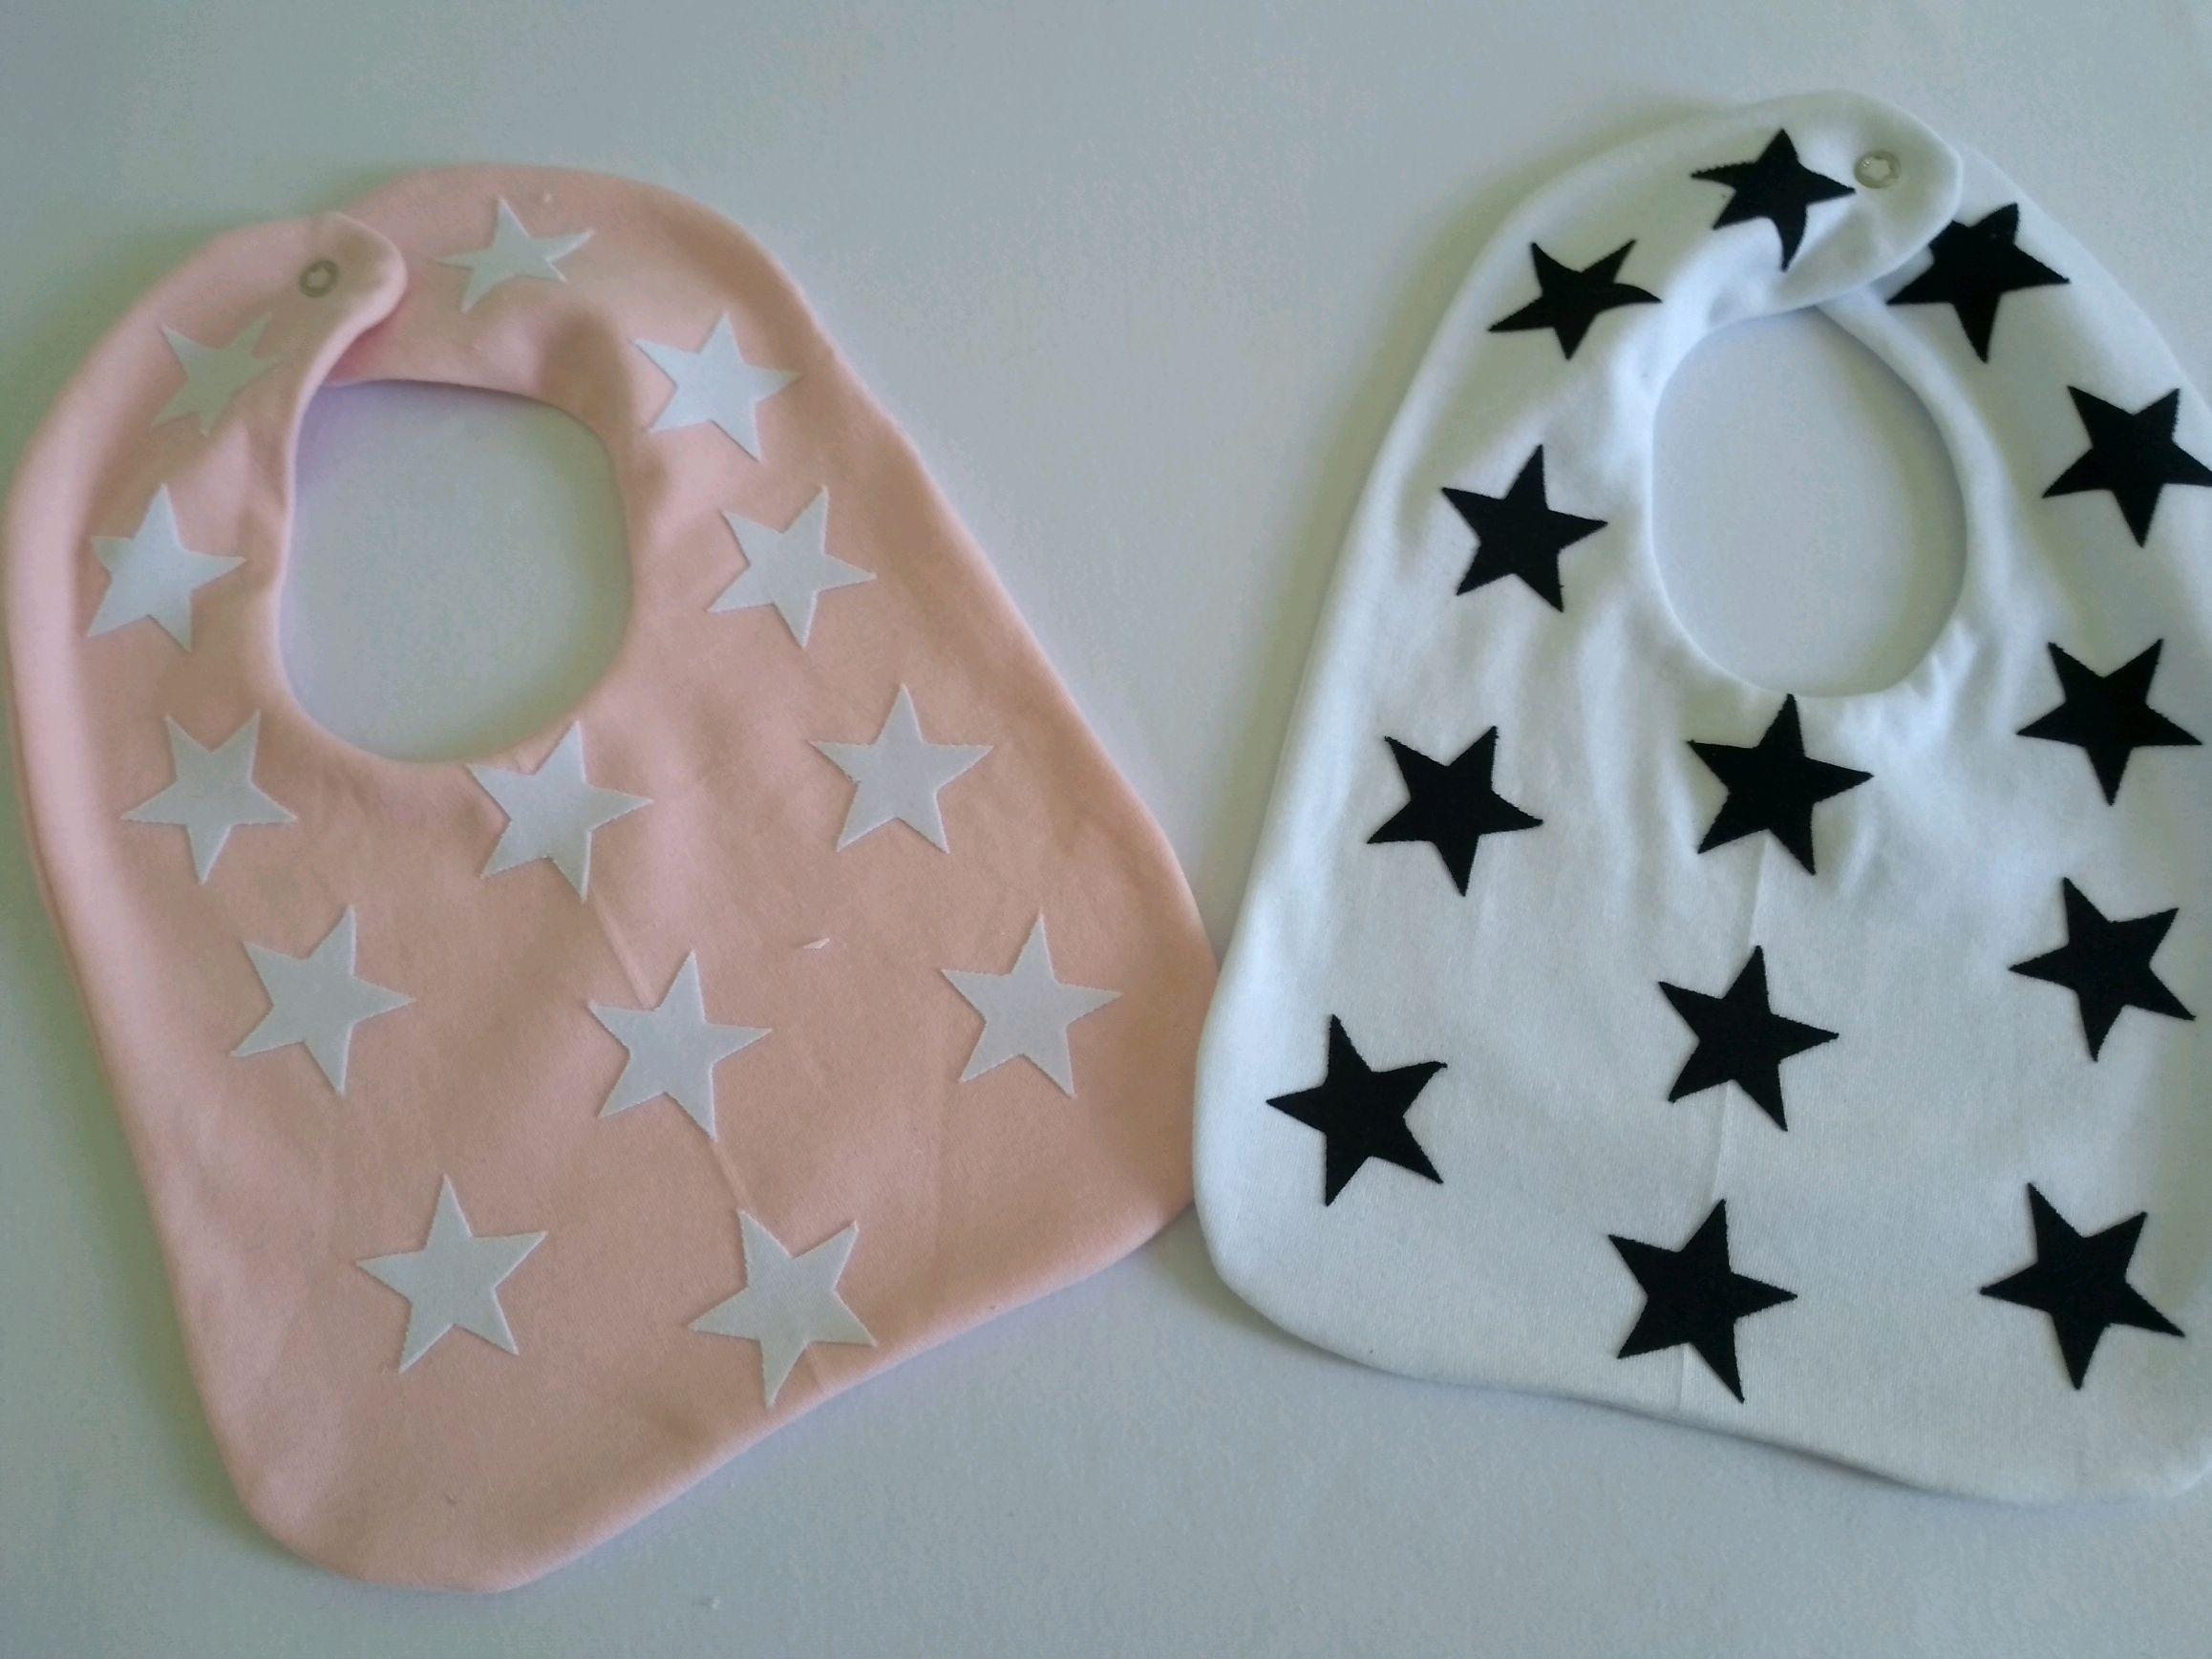 ddbf76818f Capa Bebe Conforto Estrelas Rosa e Verde Tiffany Babado Rosa